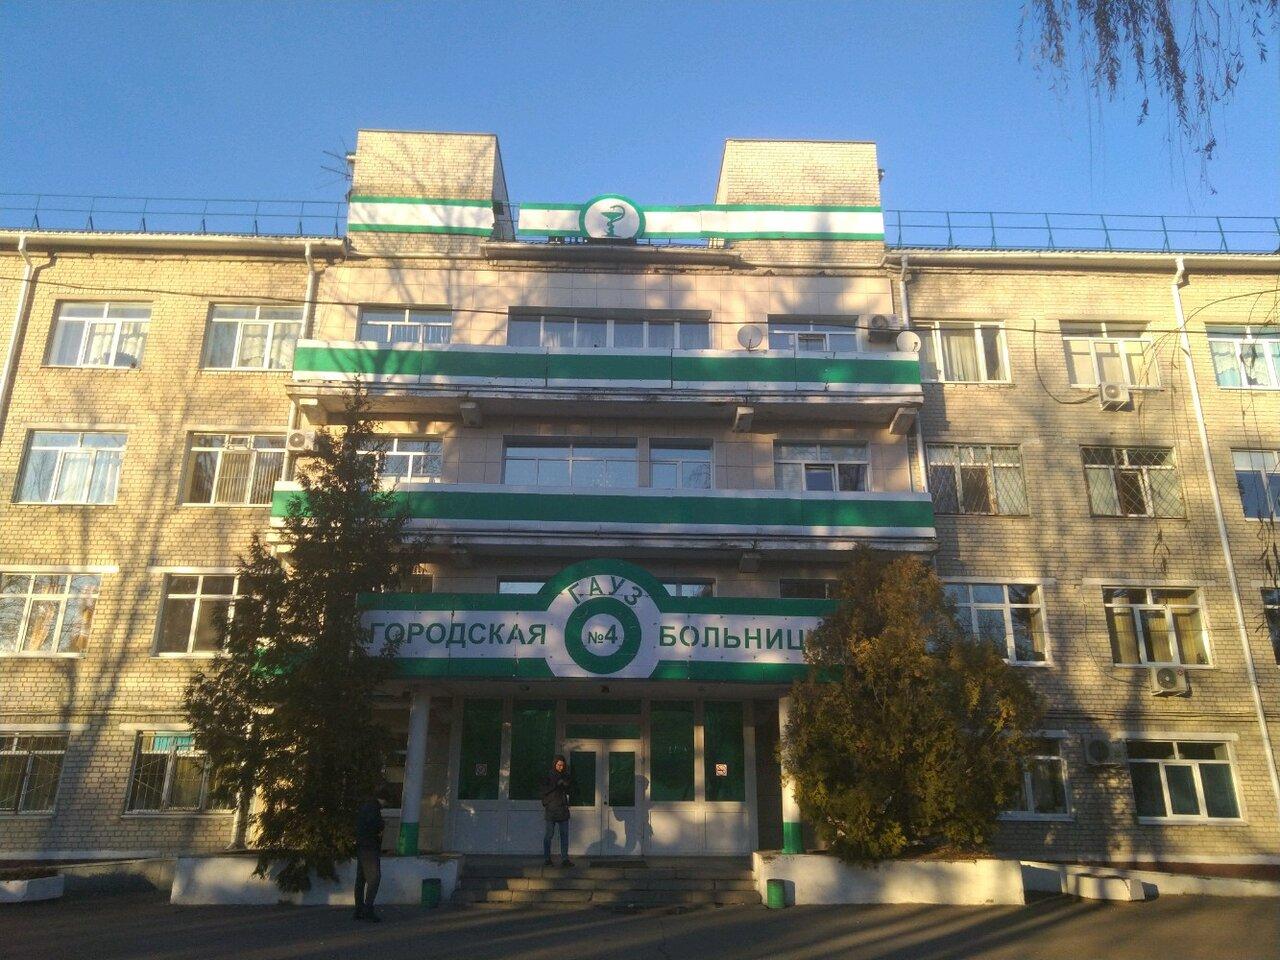 В Брянске новый корпус больницы №4 возведут к 1 сентября 2021 года